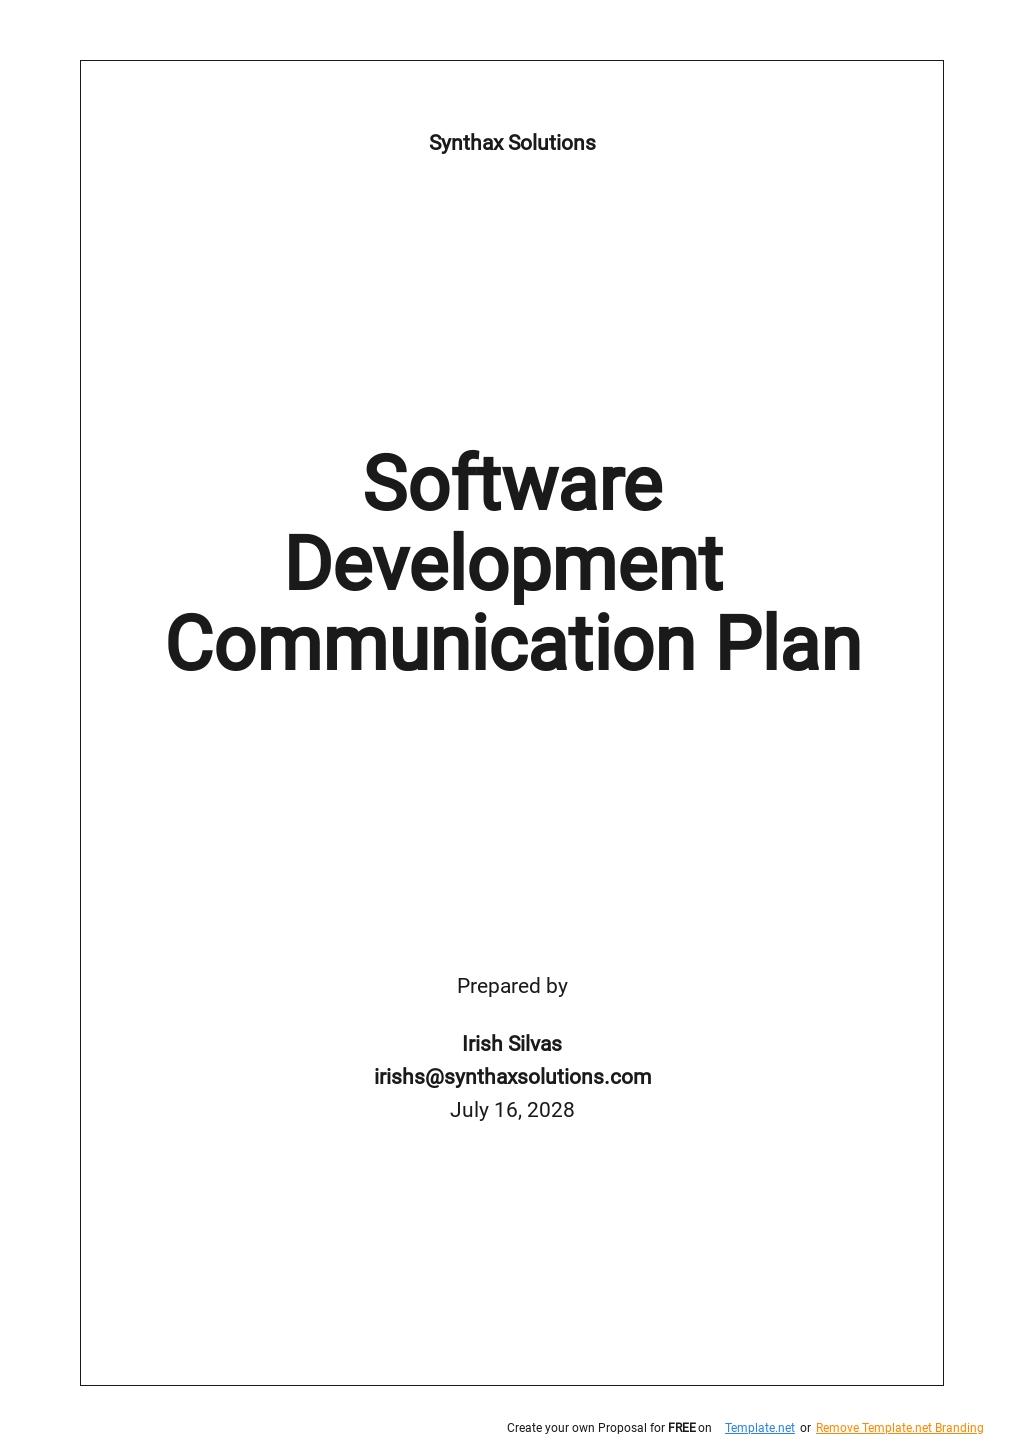 Software Development Communication Plan Template.jpe